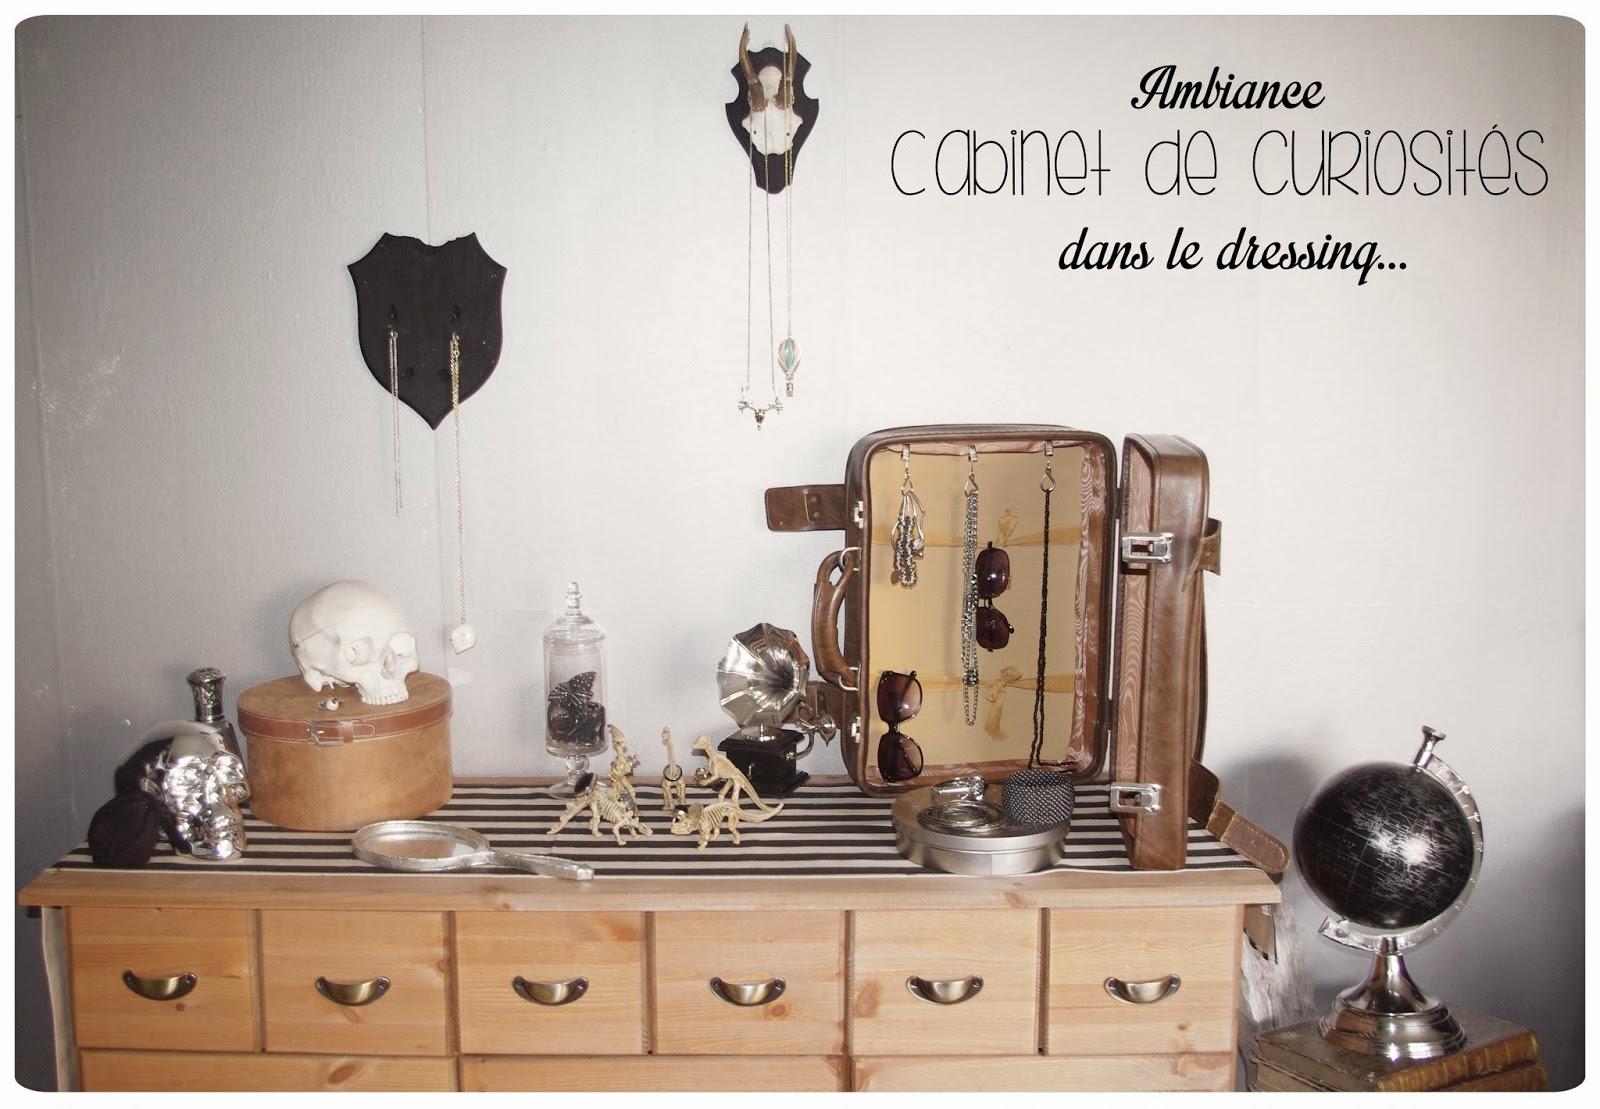 petit coin d co ambiance cabinet de curiosit s dans le dressing chez cette fille. Black Bedroom Furniture Sets. Home Design Ideas